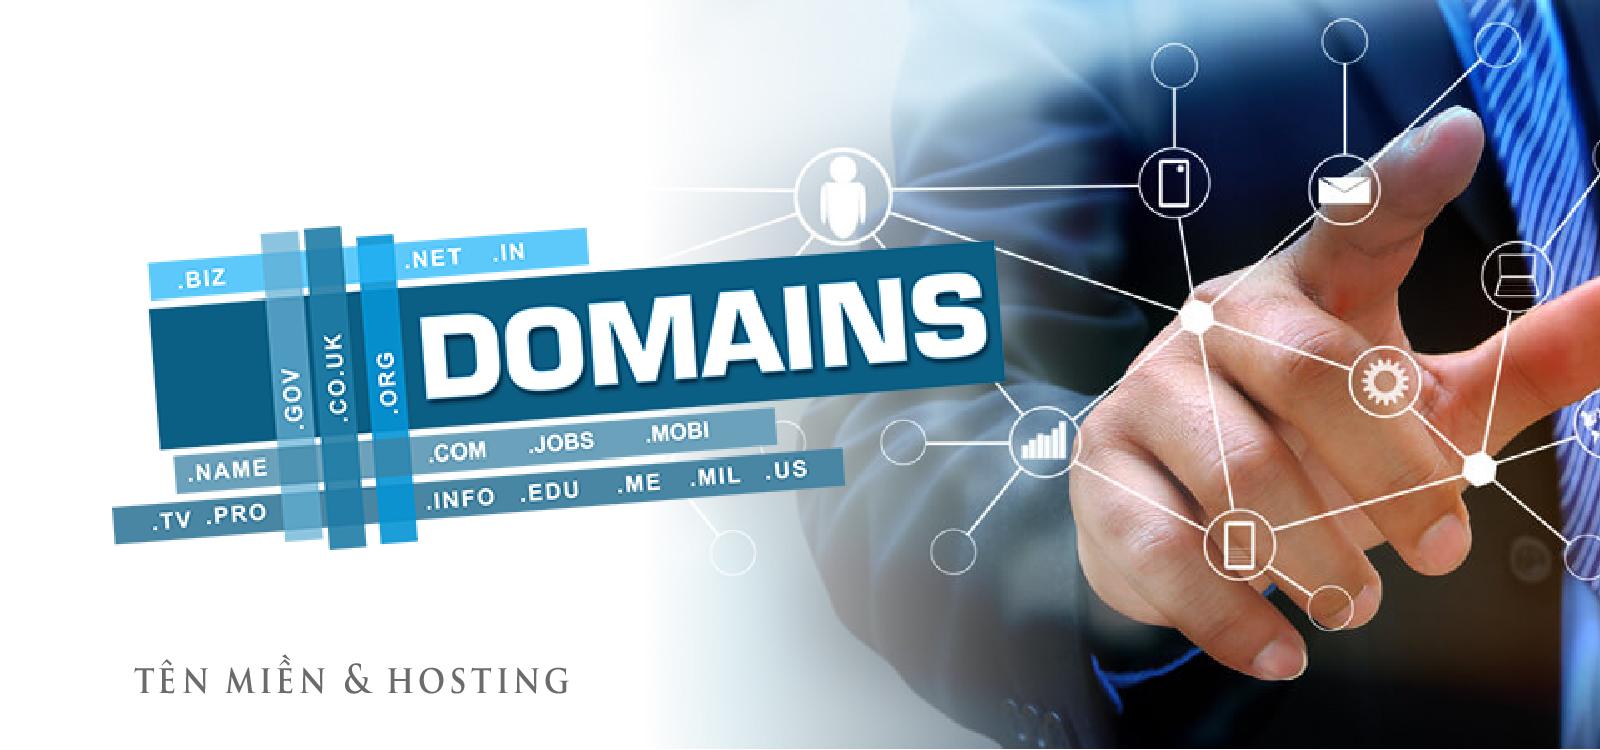 Tên miền và không gian lưu trữ - domain - hosting